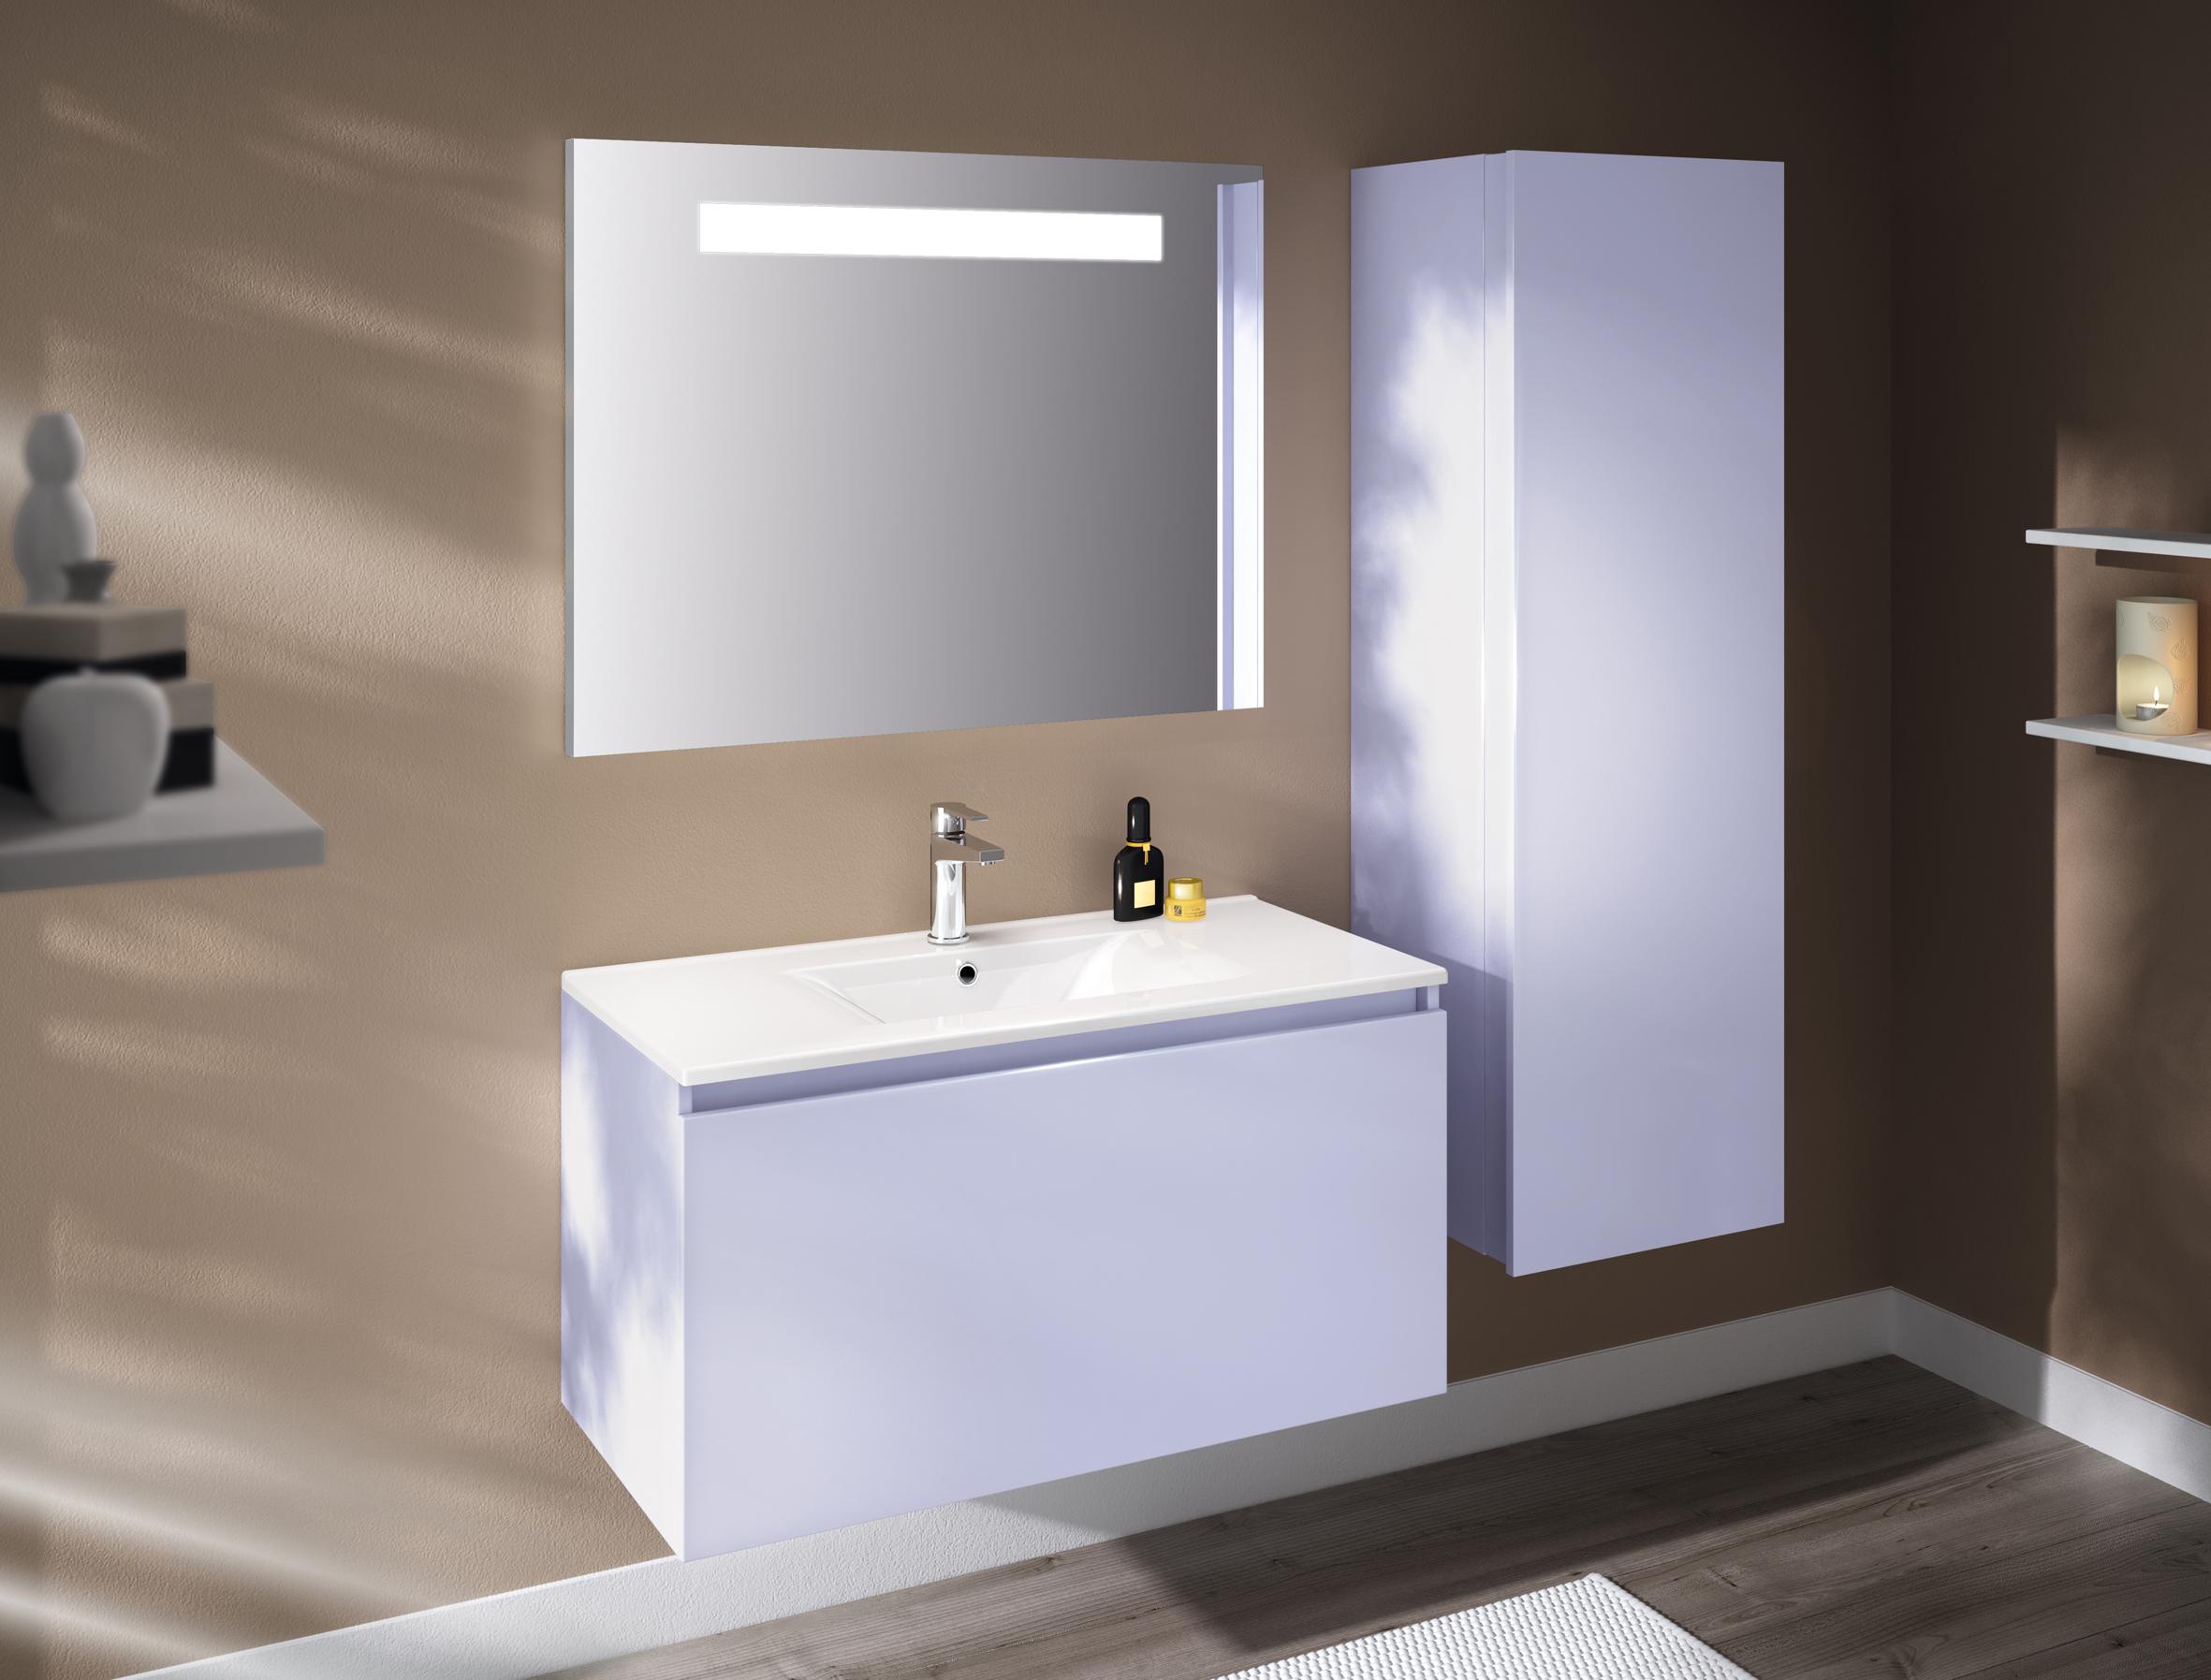 Meubles et accessoires pour les professionnels de la salle for Professionnel salle de bain